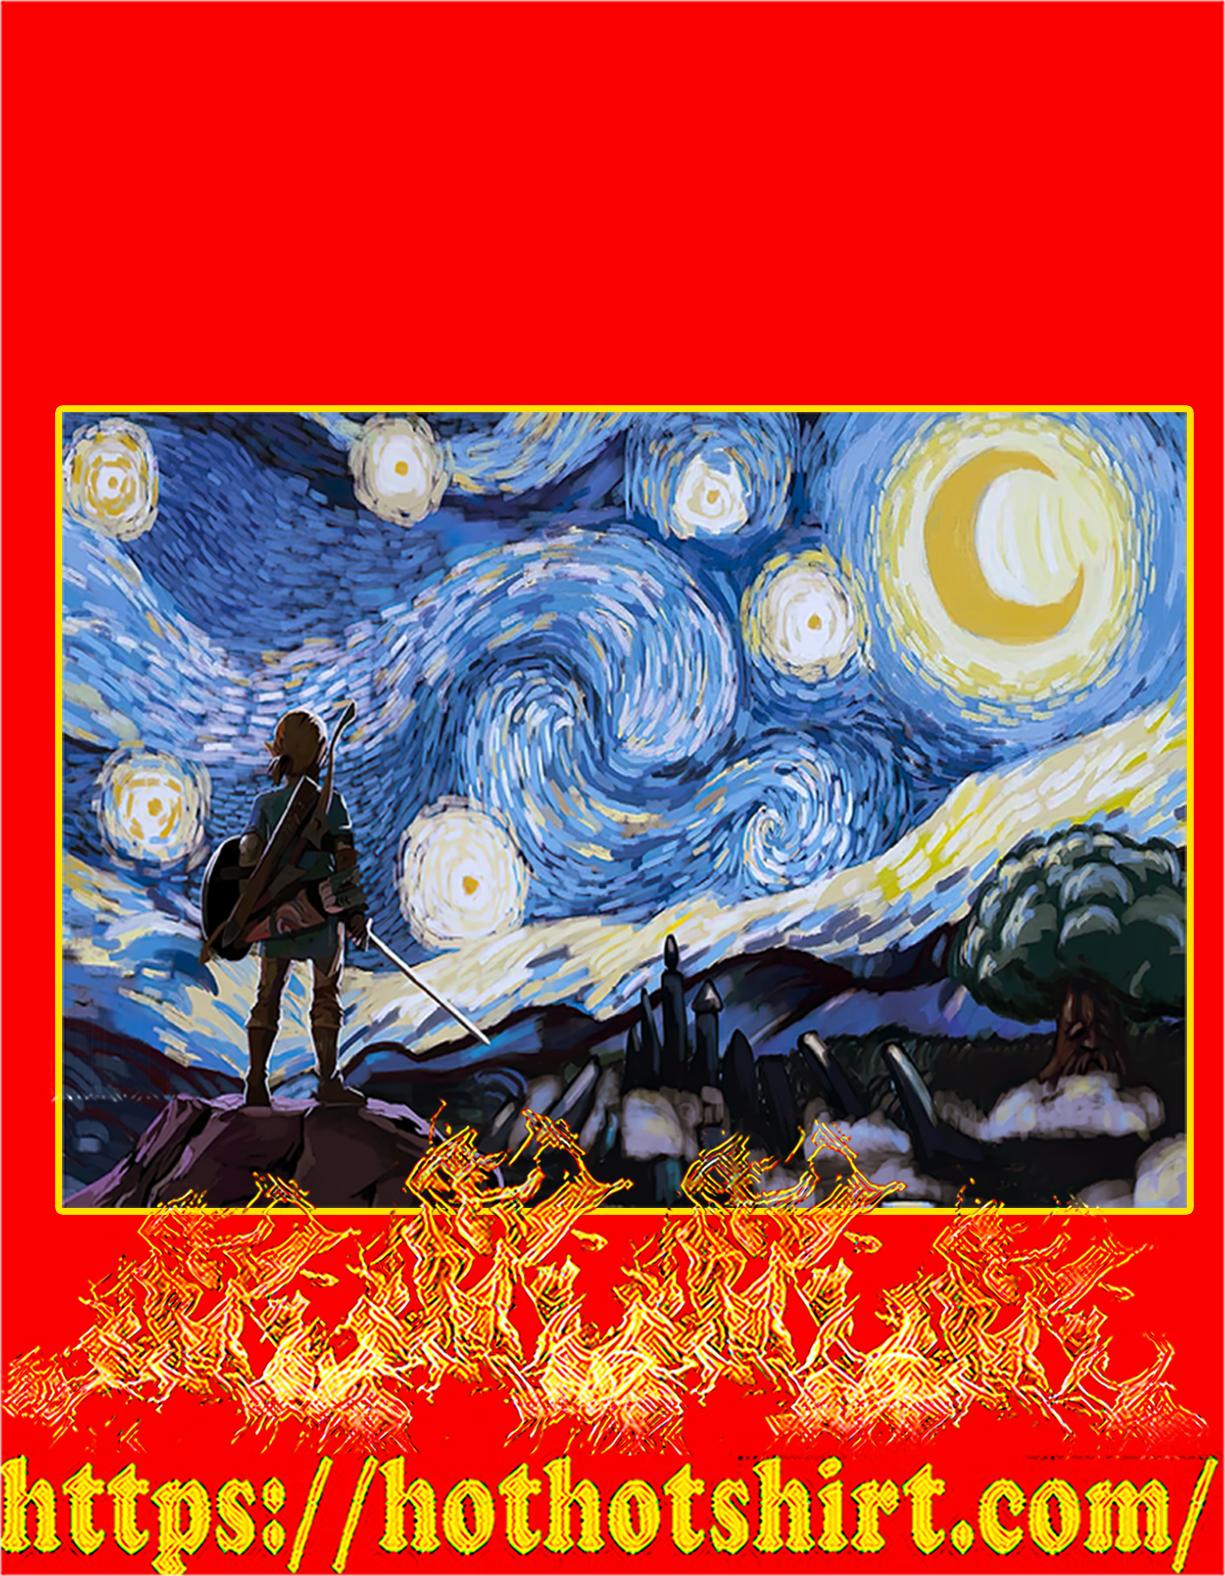 Zelda starry night van gogh poster - A4